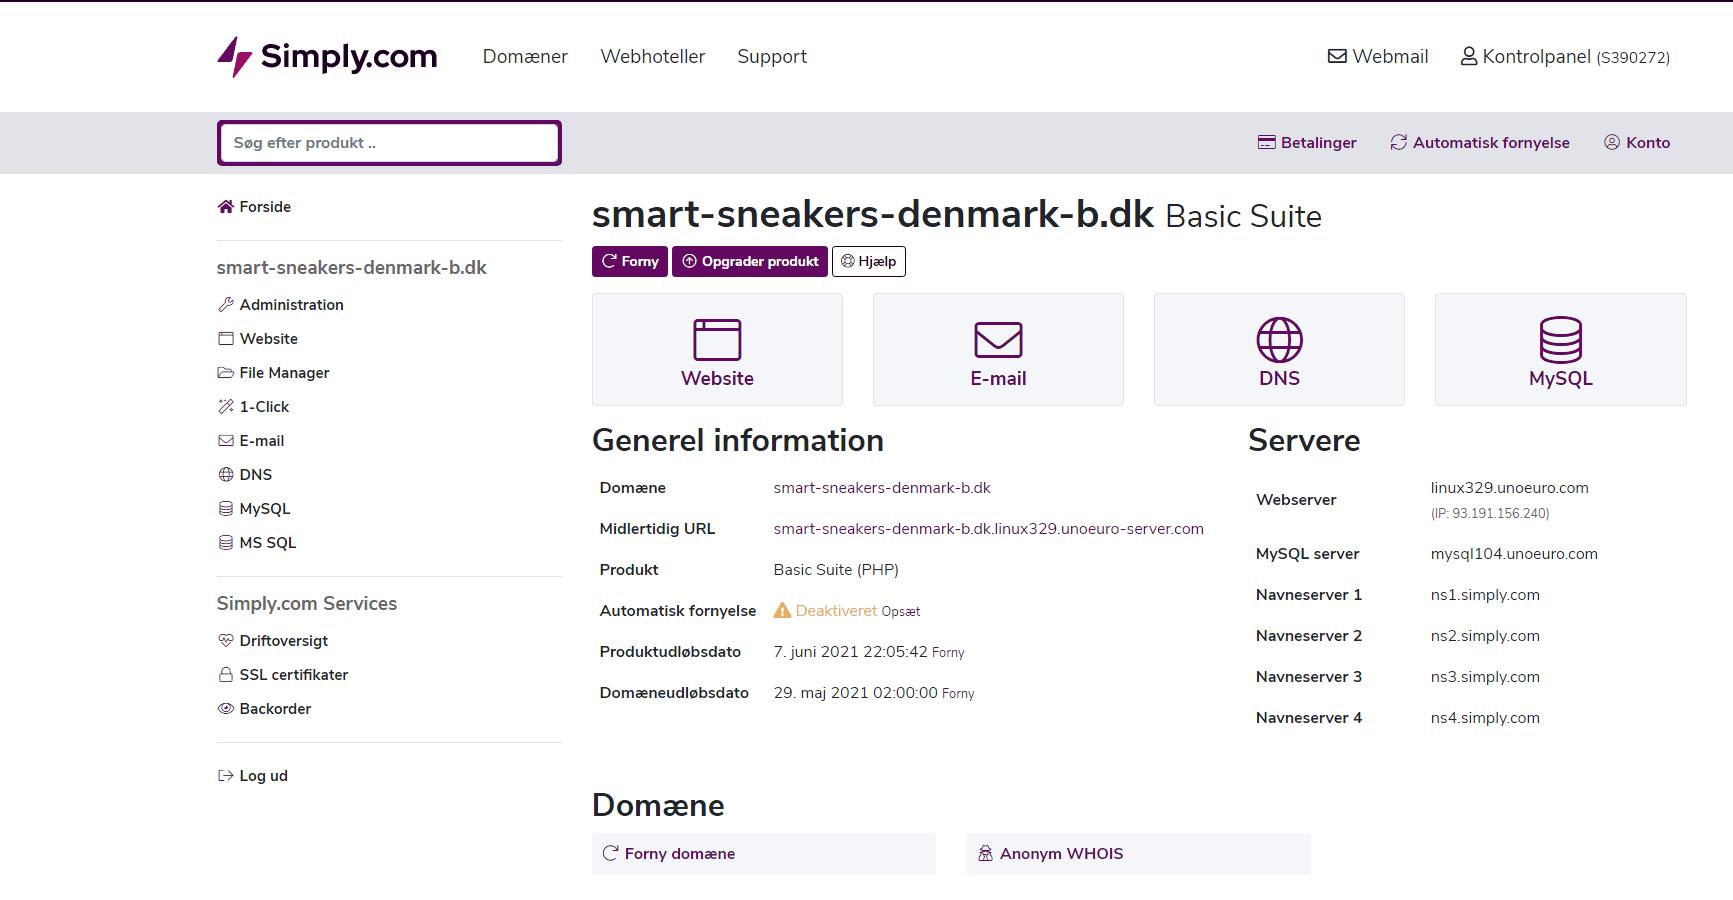 Simply.com – Fantastisk overblik over funktioner